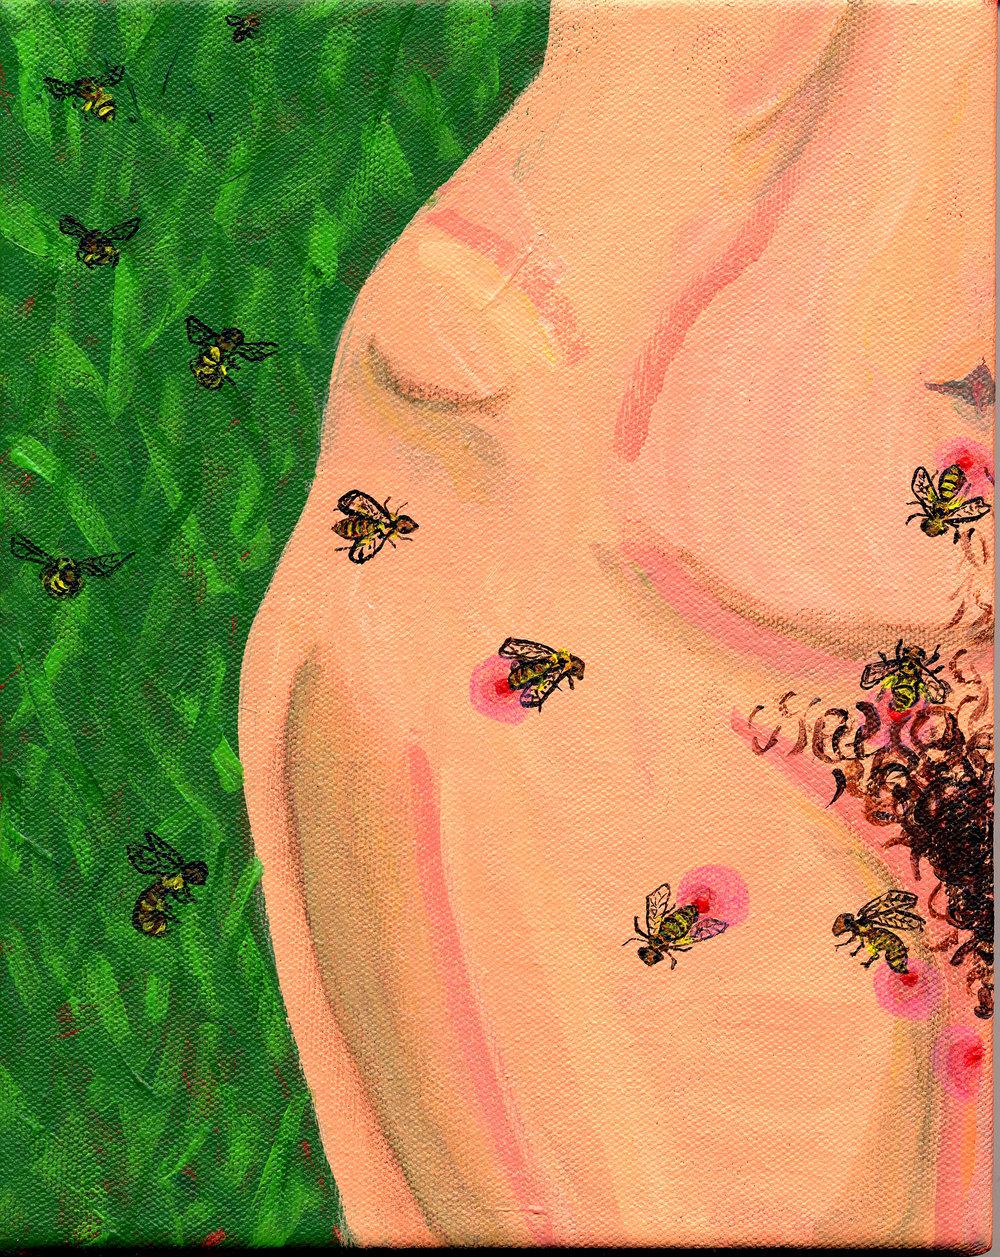 Lune-Beestings-1 copy.jpg